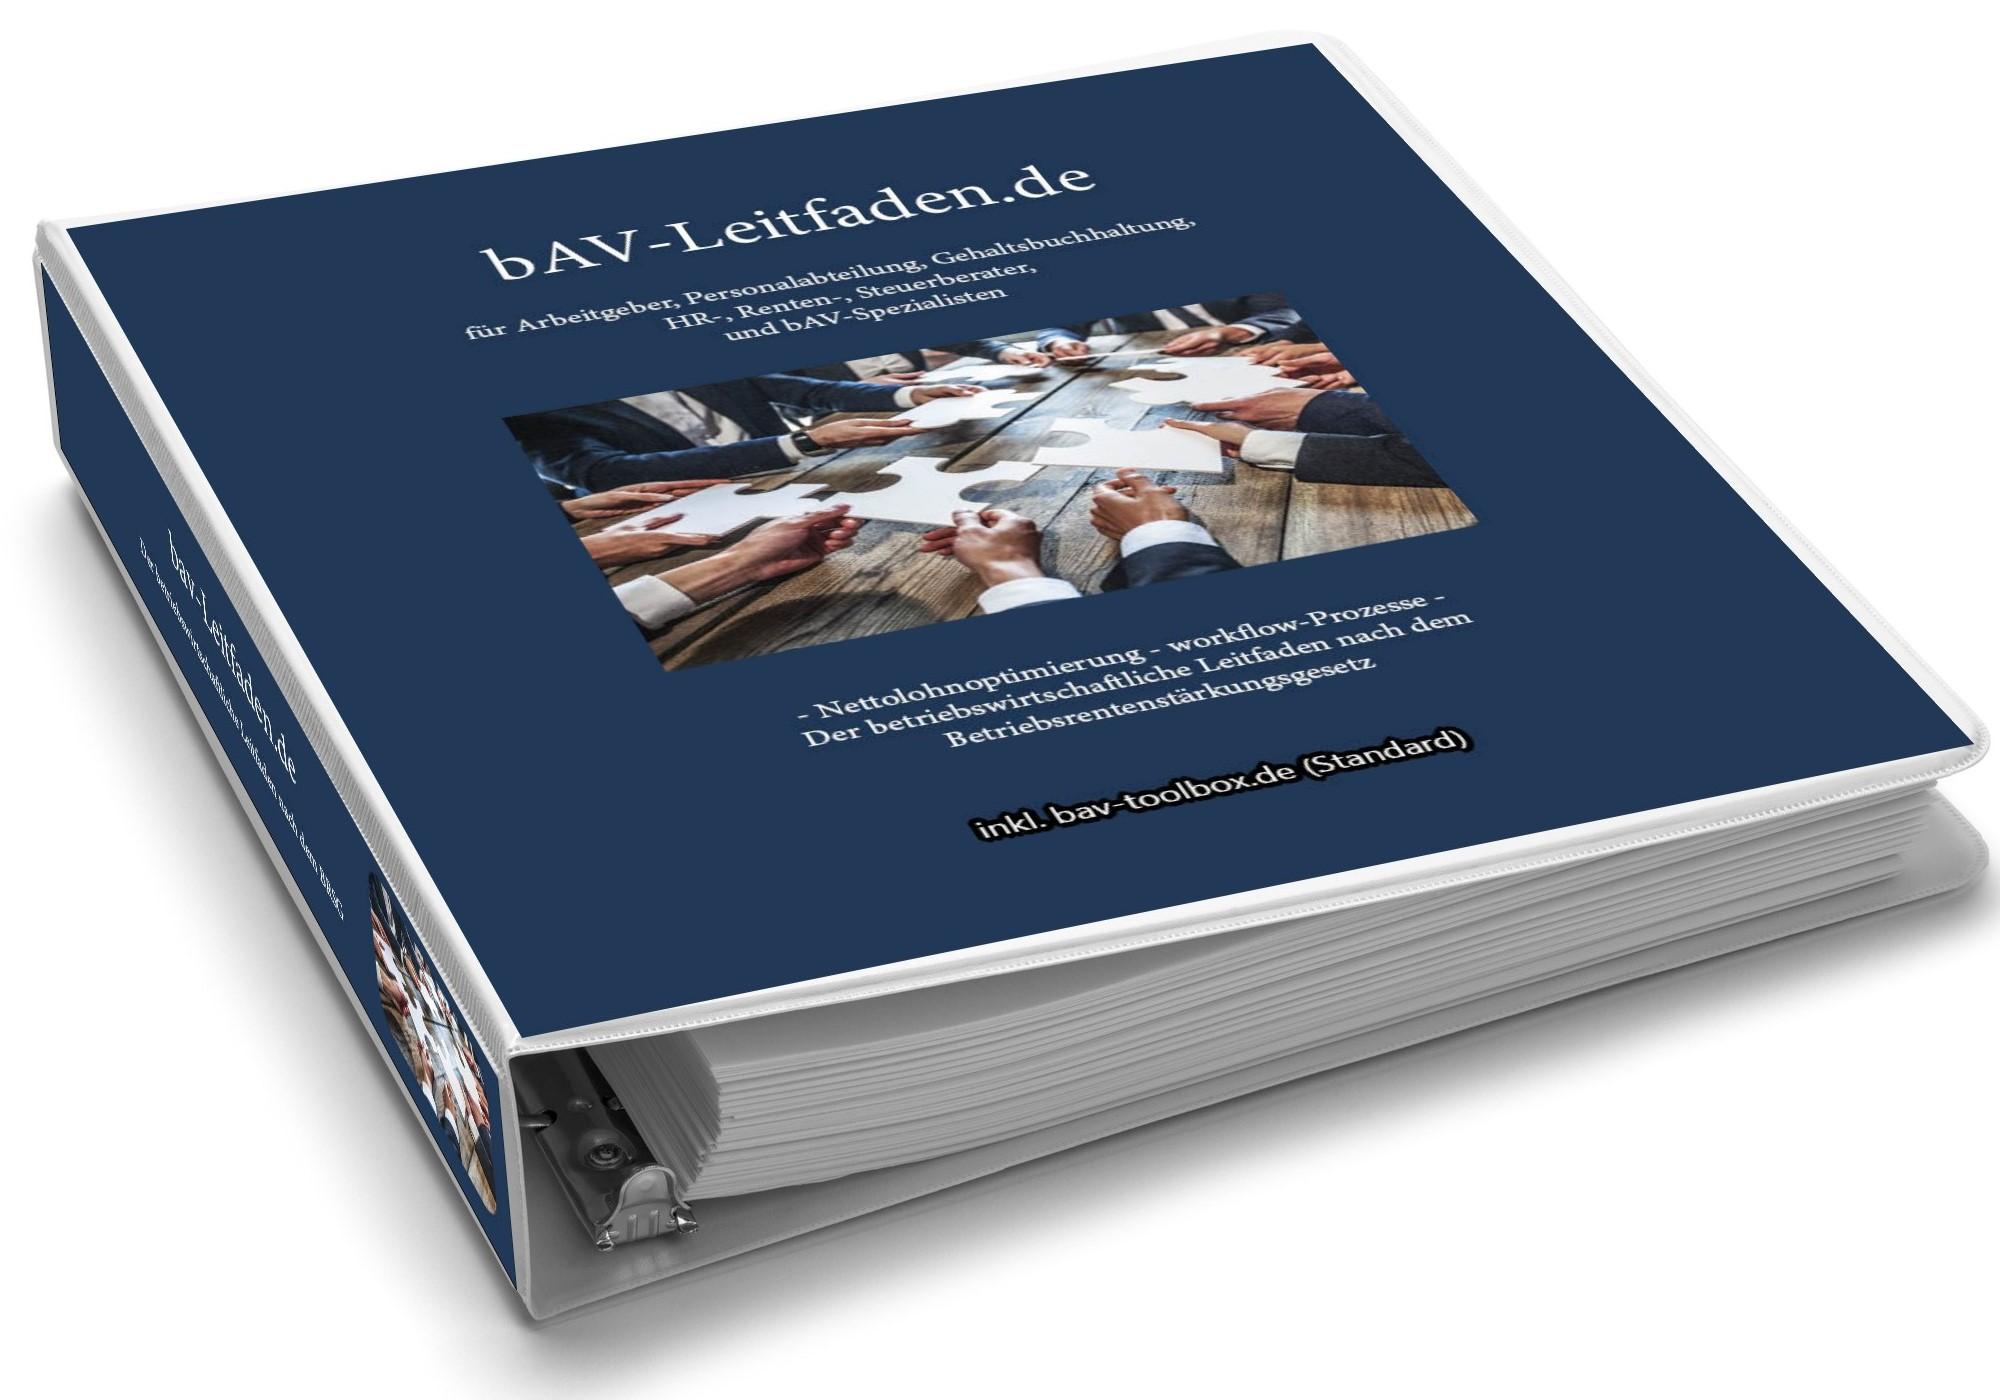 bAV-Leitfaden.de Der betriebswirtschaftliche Leitfaden über die betriebliche Altersversorgung für Arbeitgeber, HR-, Steuer-, und Rentenberater - sowie Personalabteilung, Gehaltsbuchhaltung und bAV-Profis